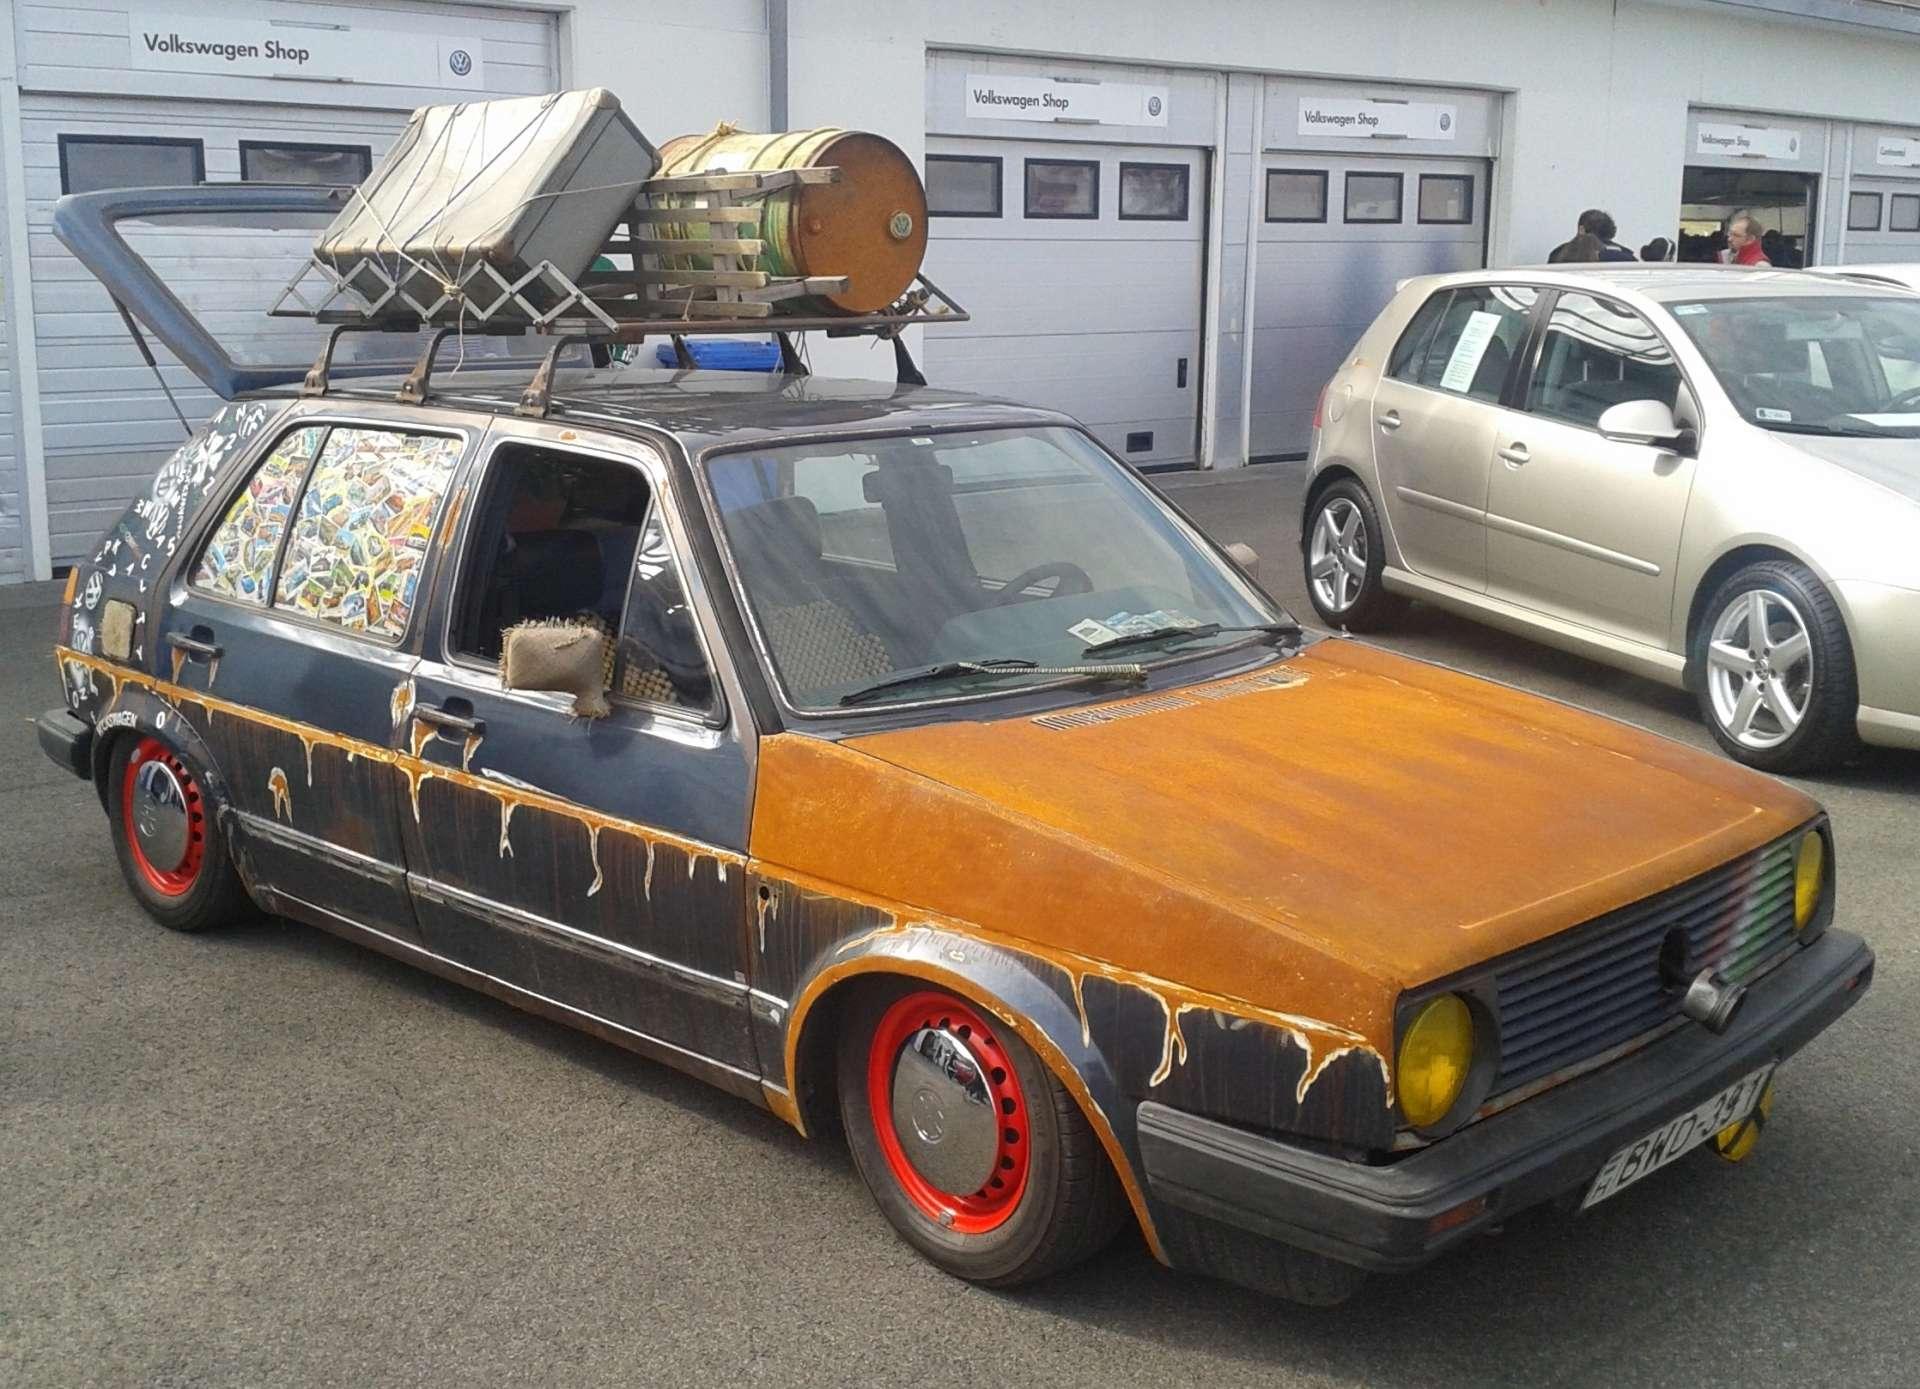 Dumb Car Modifications Paint Jobs 2007hq